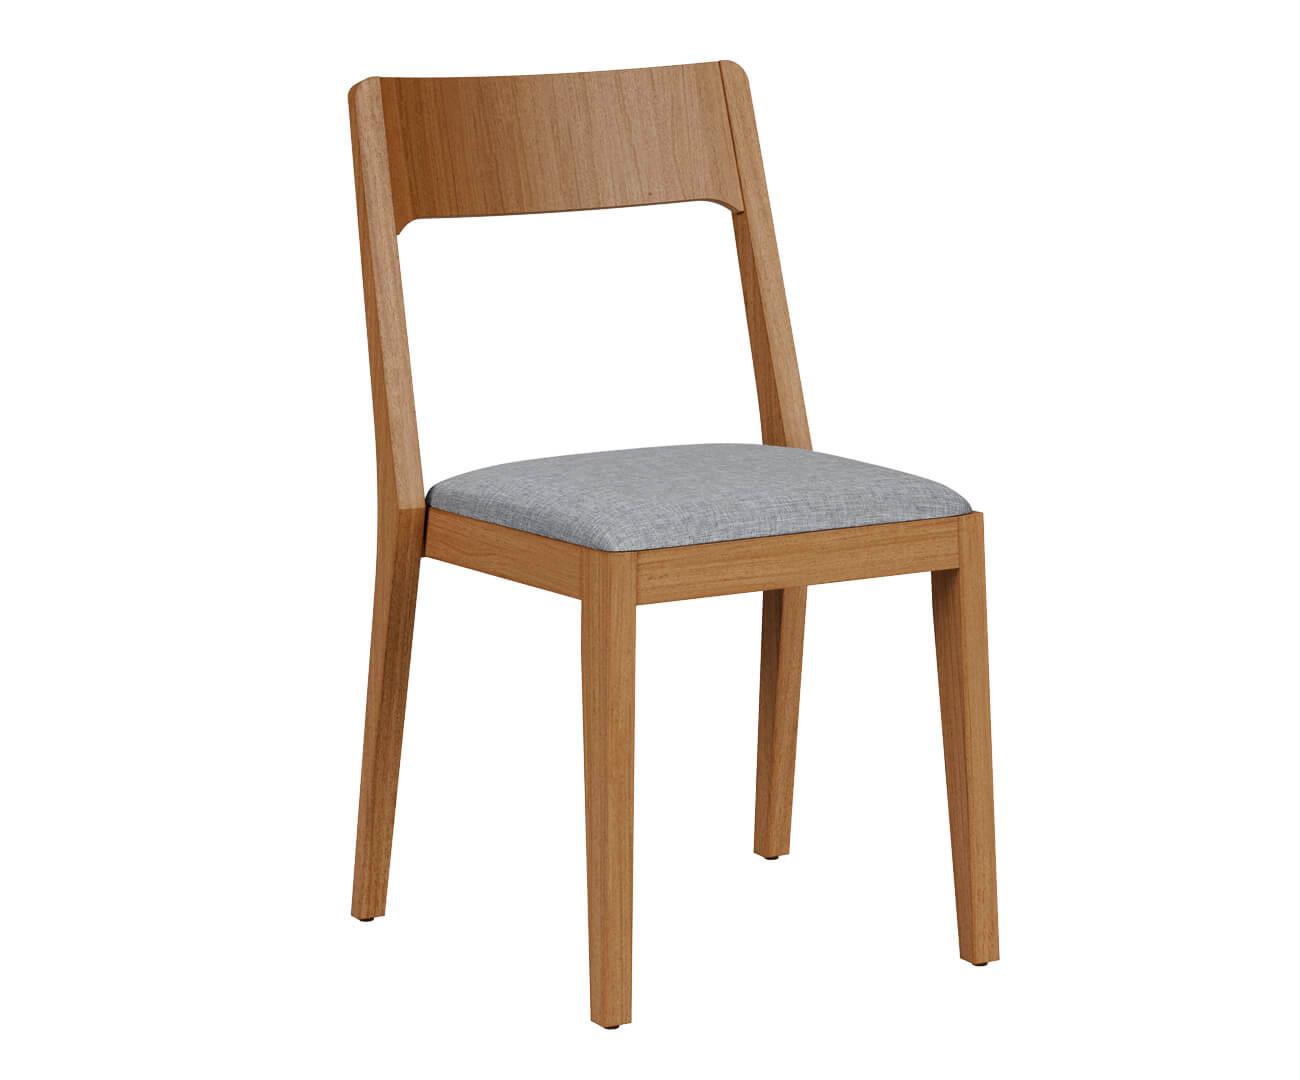 cadeira empilhável em madeira maciça vic 1368